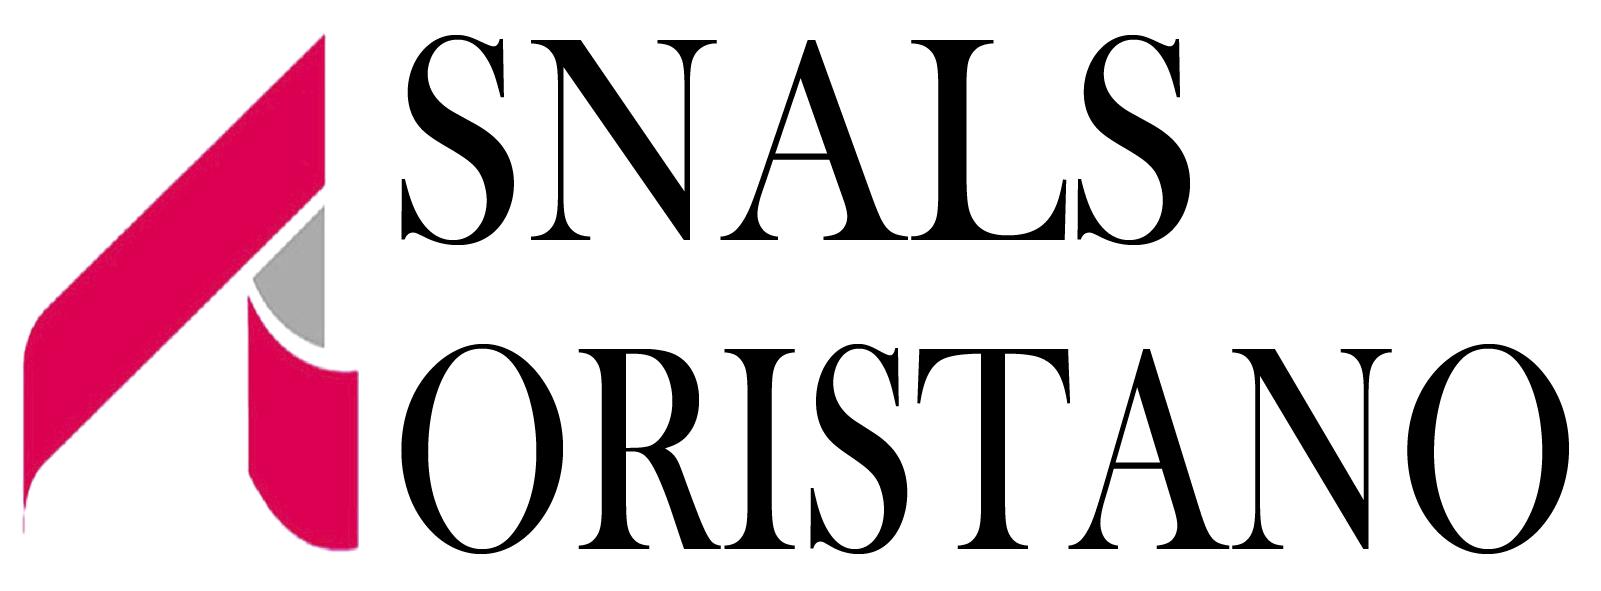 Snals Oristano Logo